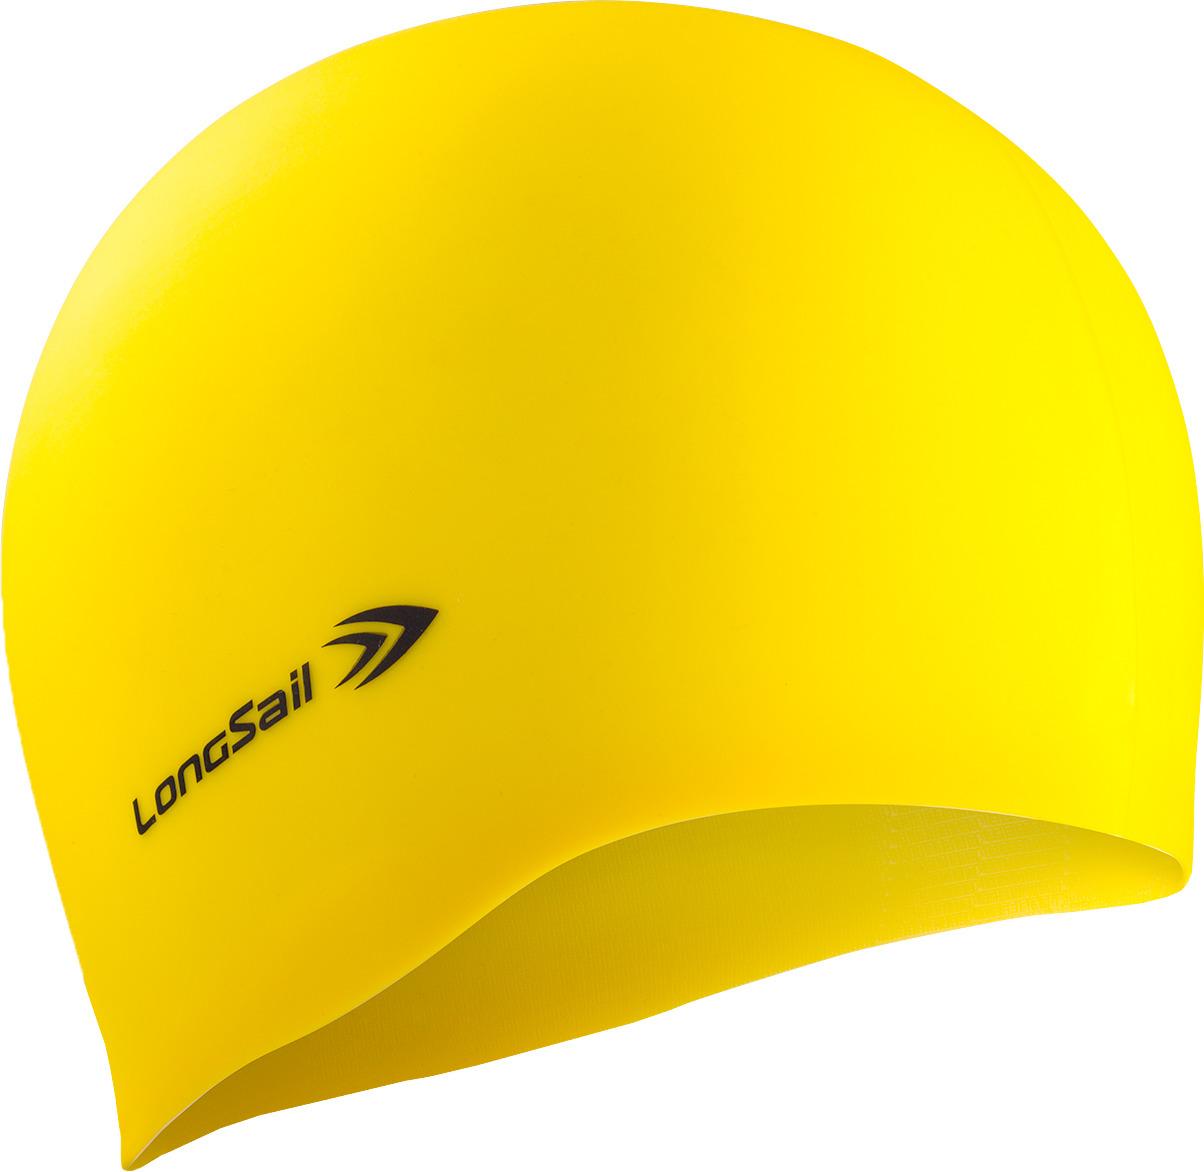 Шапочка для плавания LongSail, цвет: желтый. 1/240 рио выигрывает toswim созвездие шапочки для плавания шапочки для плавания ts61401246 персонализированных тенденций моды плавания весов